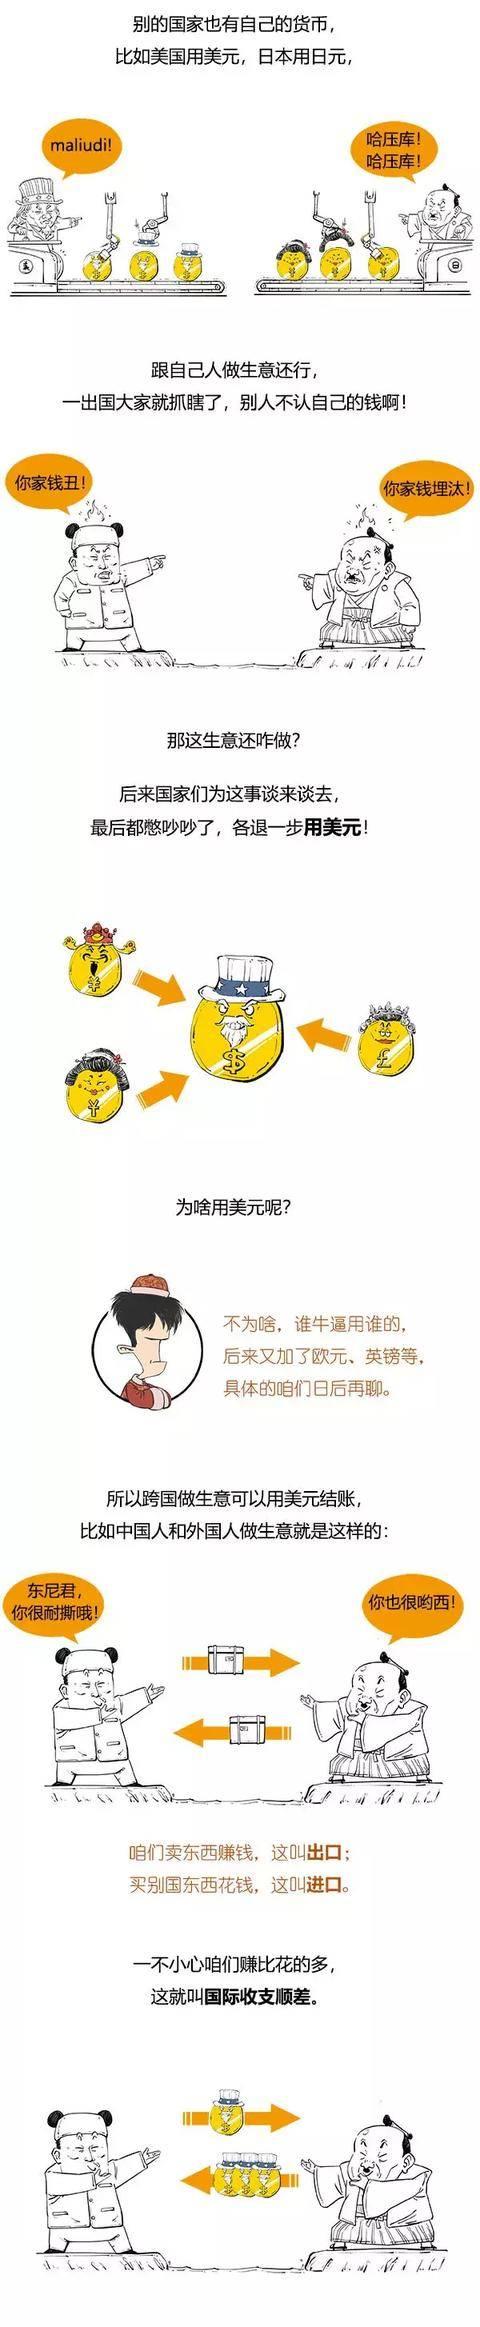 什么是外汇储备(外汇储备增加说明什么)插图(1)